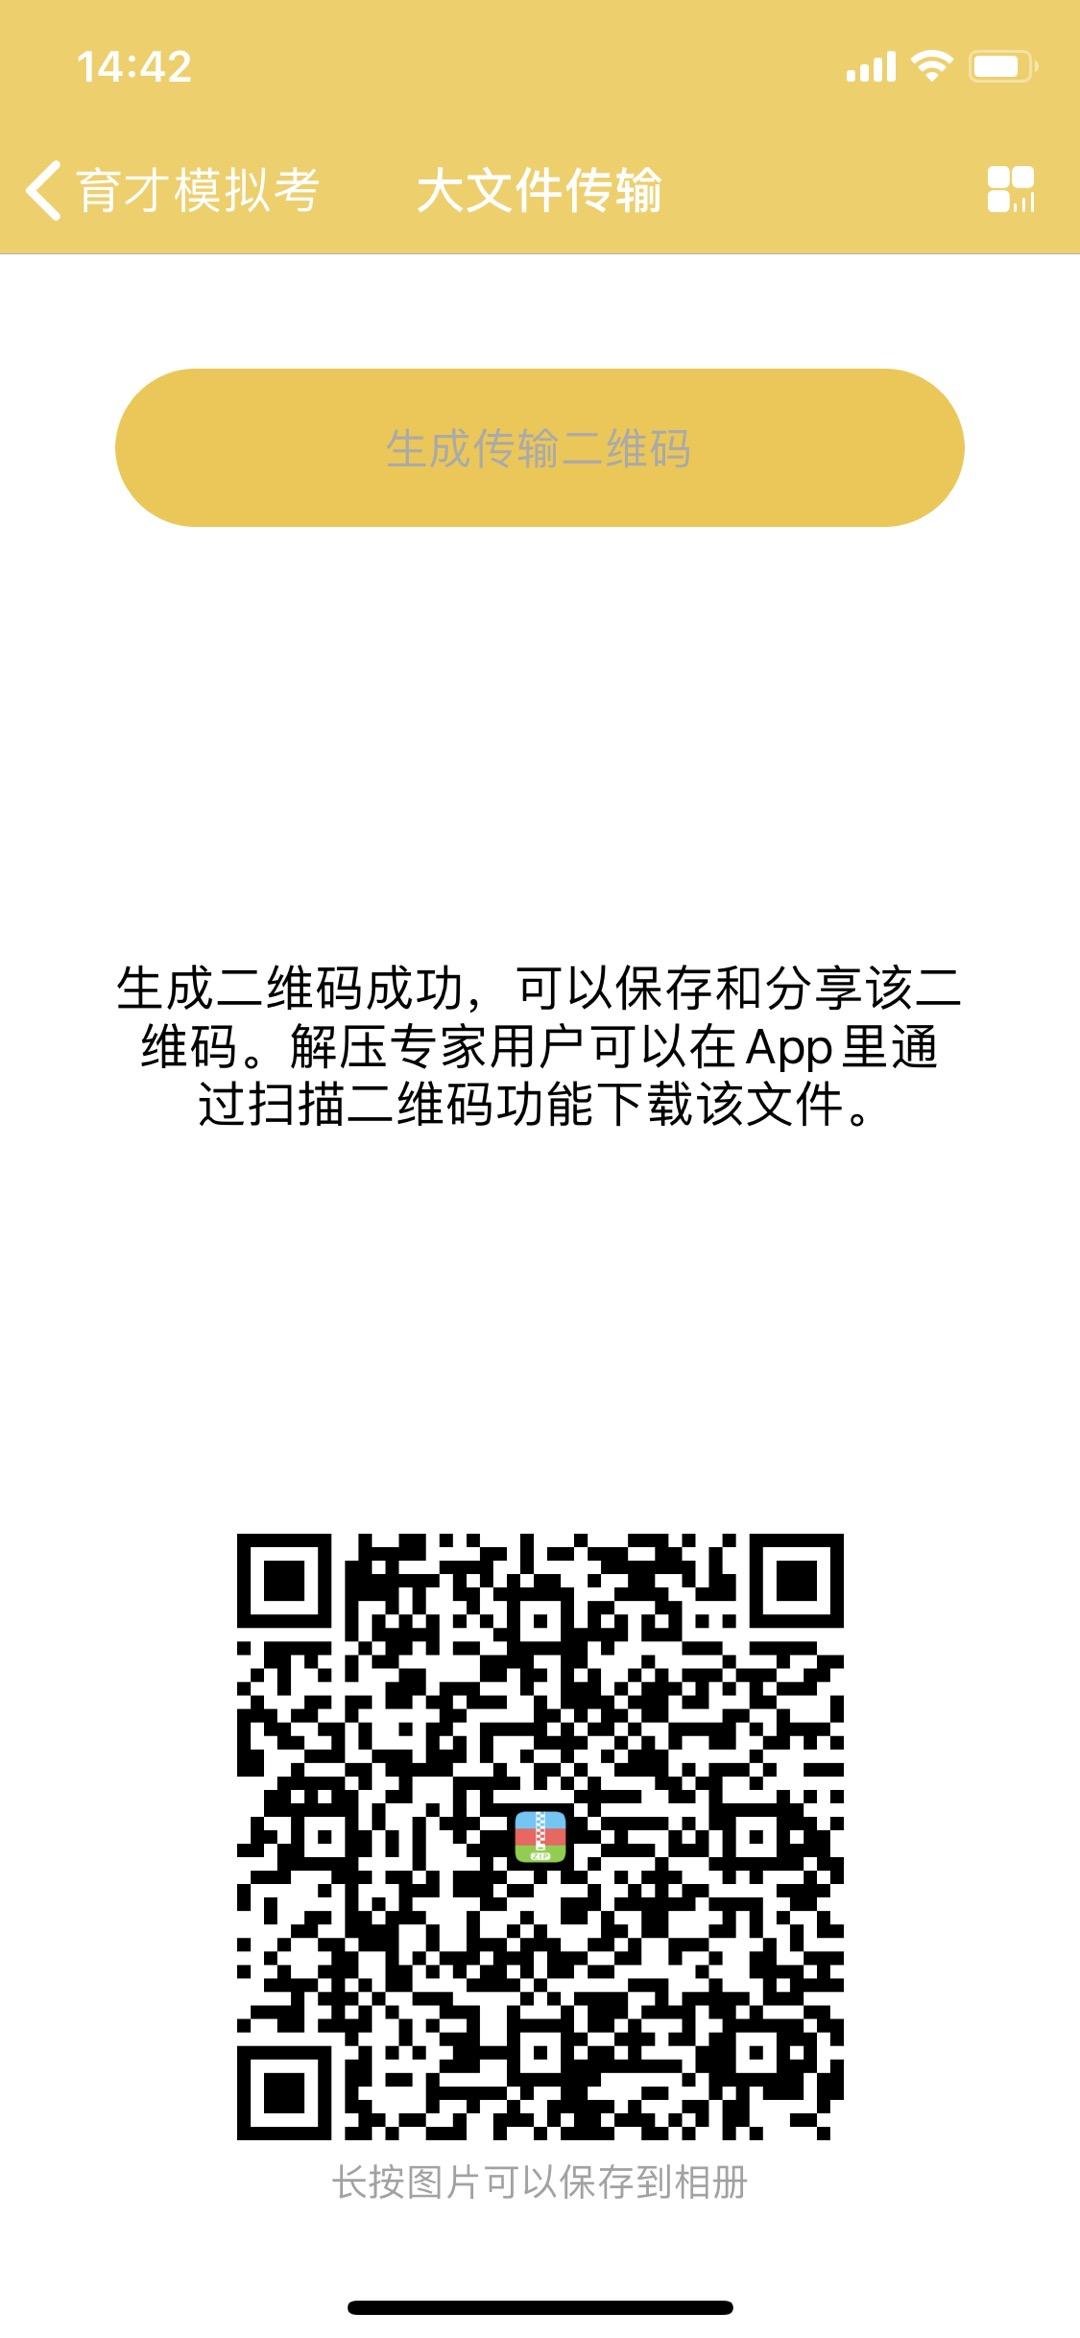 F132E55C-038F-4ADB-94F5-B13BC9116B67.jpg